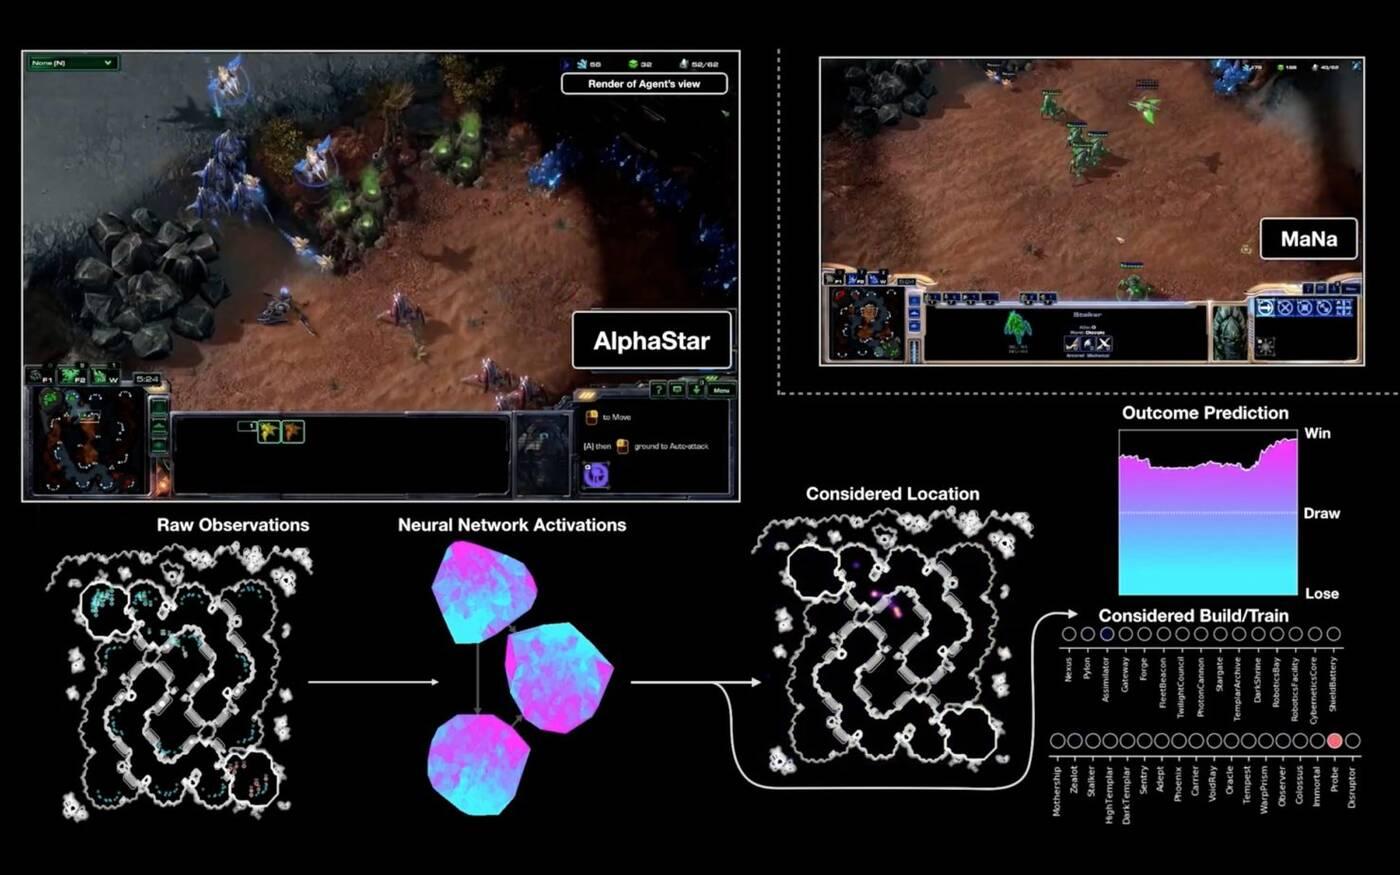 Sztuczna inteligencja DeepMind Google wygrała z prosami StarCraft II